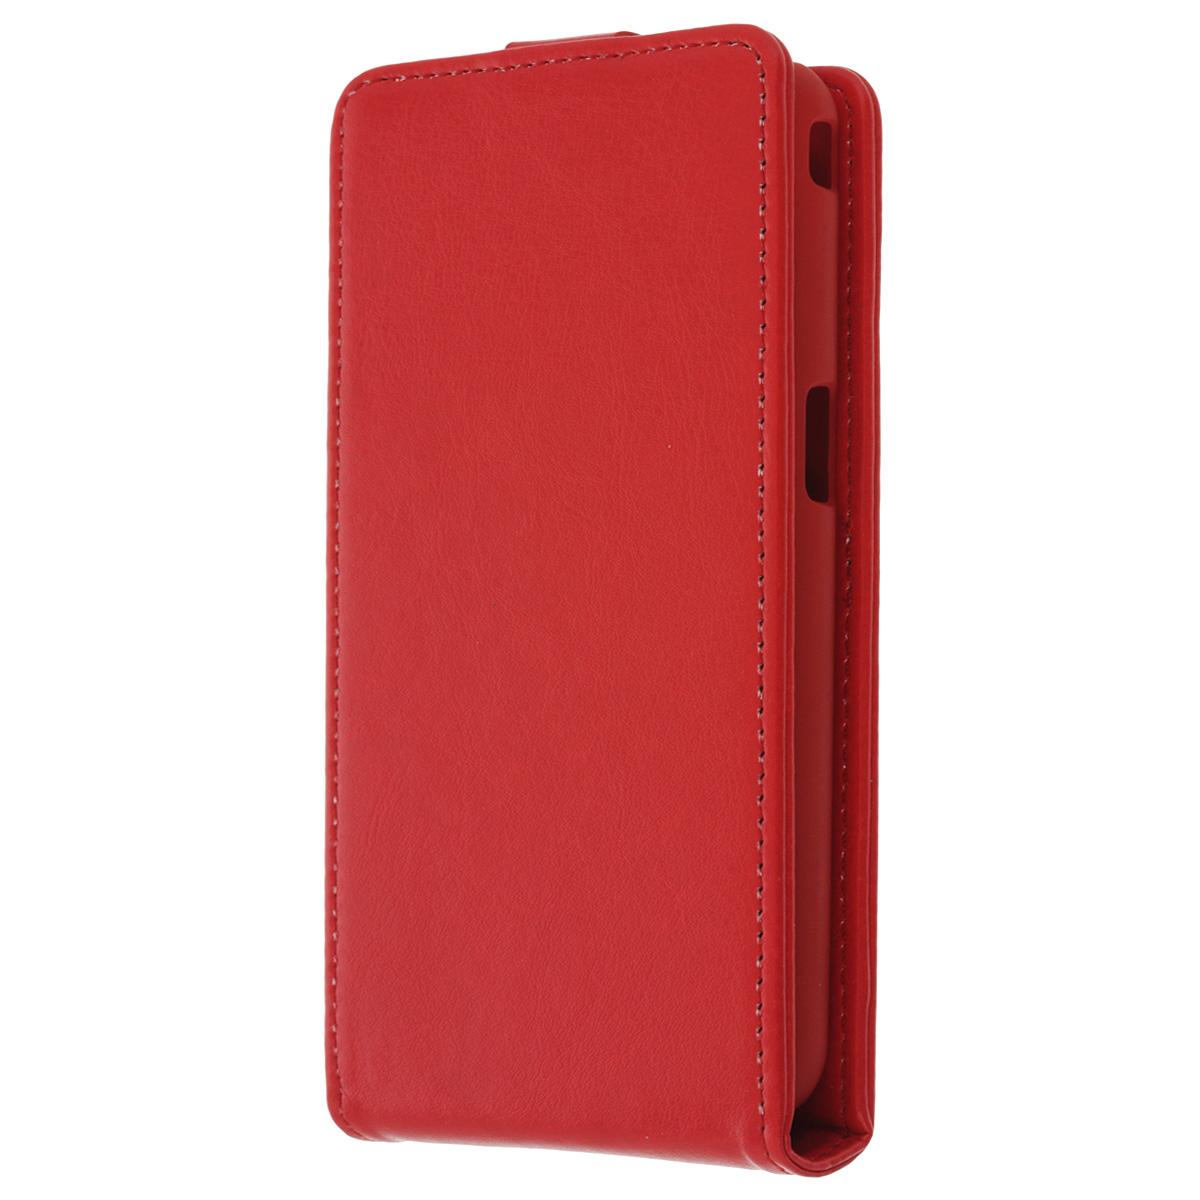 Skinbox Flip Case чехол для Philips W6610, RedT-F-P6610Флип-кейс Skinbox для Philips W6610 не ограничивает функционал мобильного телефона. Адаптированная форма оставляет необходимые элементы устройства, такие как разъемы, камера, порт передачи данных, микрофон и динамики легко доступными. Качественная искусственная кожа, из которой изготовлен чехол, очень прочна и практична, а также идеально соответствует натуральной коже и создает приятные ощущения при касании. Смартфон фиксируется на жесткой основе из прочного пластика, которая не только защищает смартфон от ударов, но и максимально долго сохраняет свою форму. Передняя панель флип-кейса закрепляется магнитной застежкой, предотвращающей раскрытие чехла и повреждение дисплея вашего устройства.